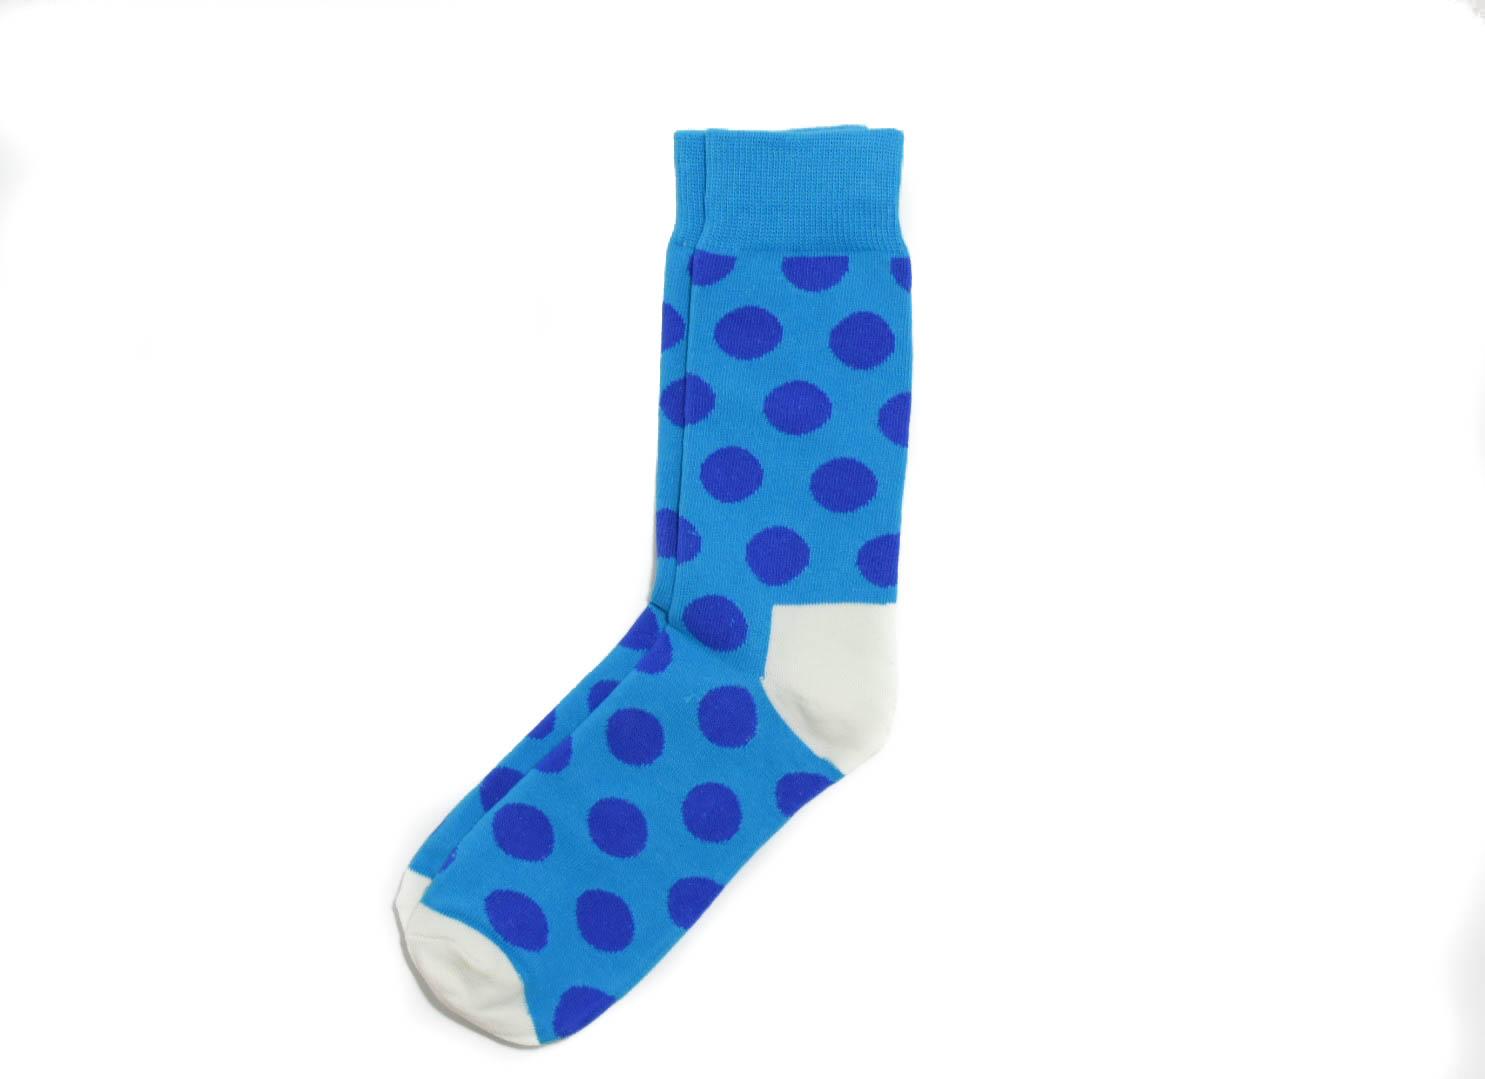 Blue Clues Socks